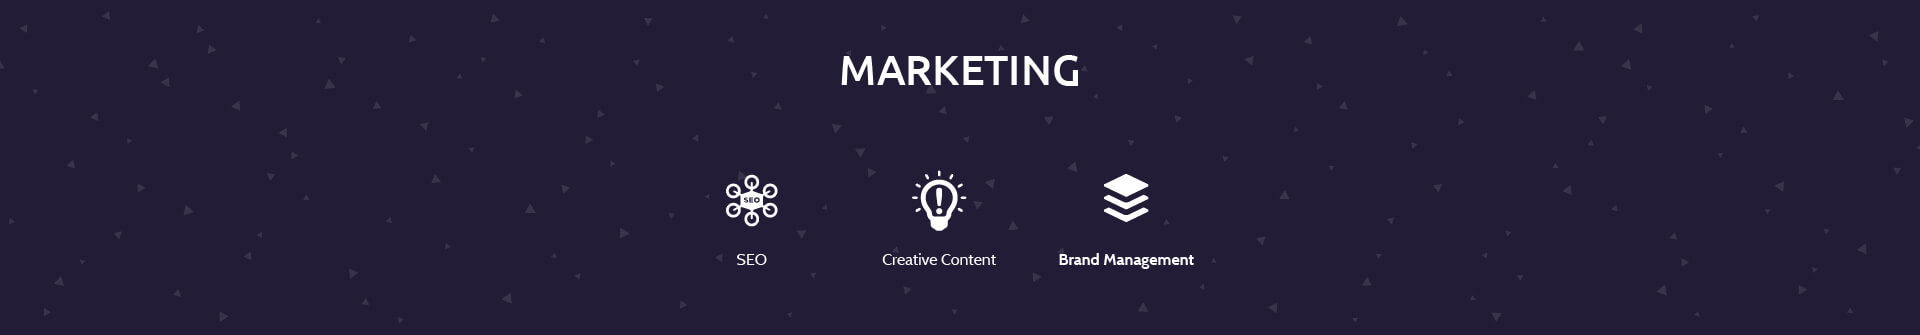 Best Digital Marketing Agency | WebClues Infotech